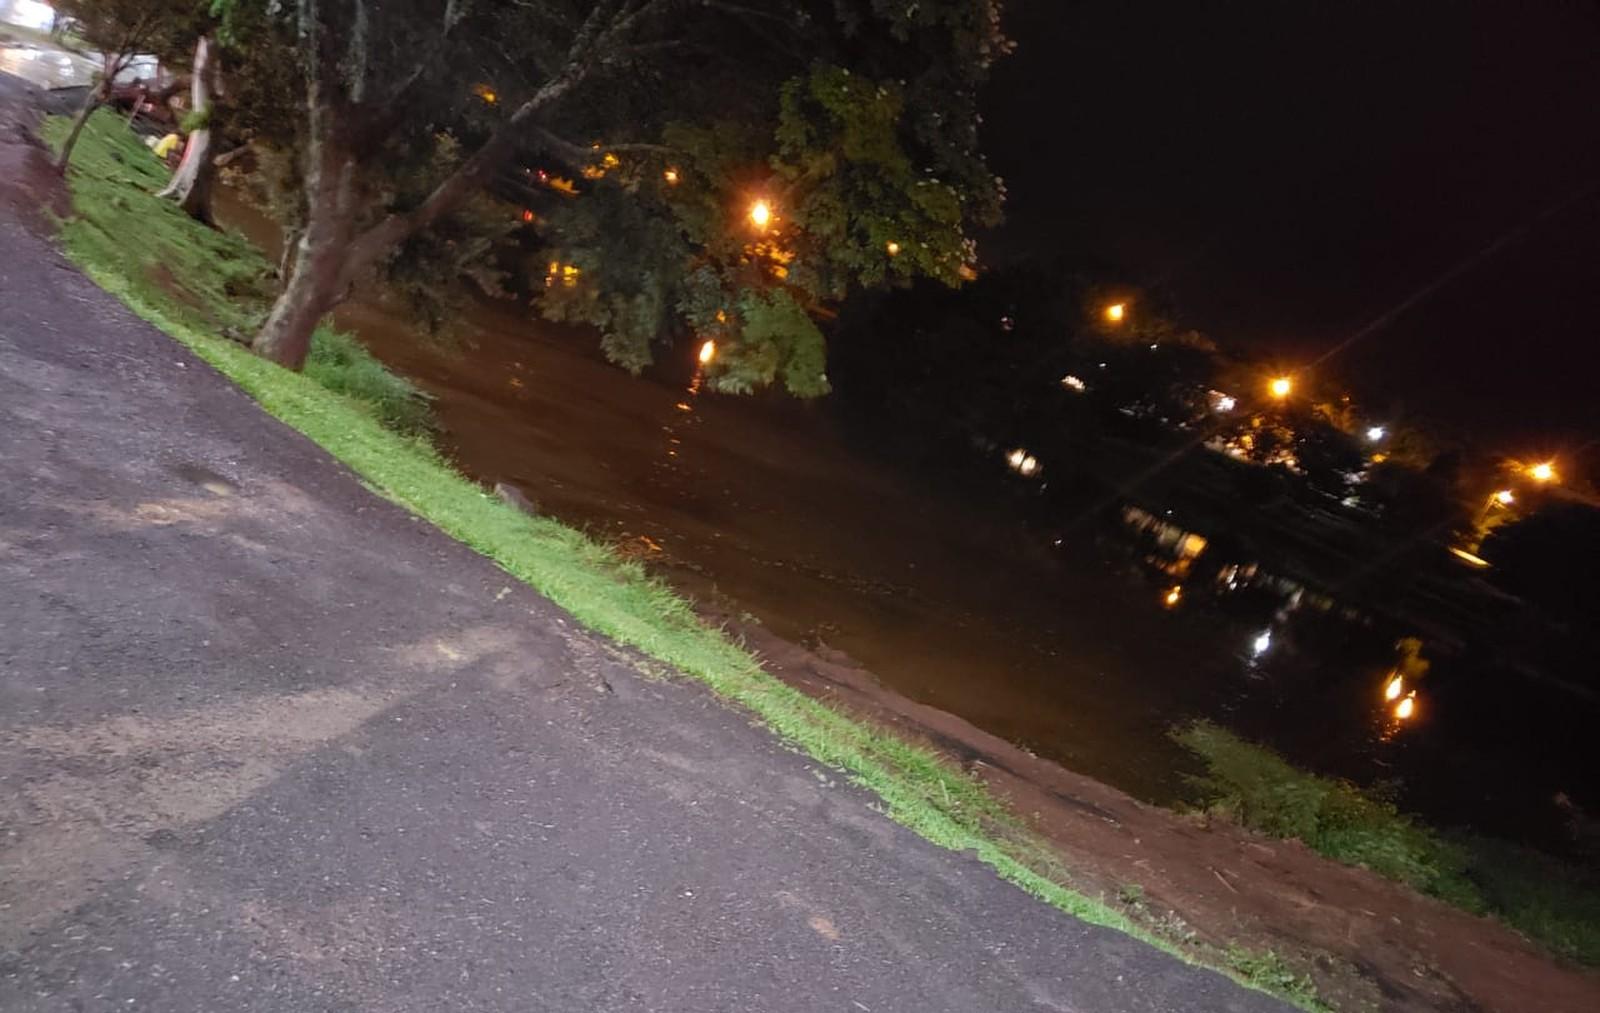 Caminhonete bate em árvore e cai dentro de lago em Ourinhos — Foto: Corpo de Bombeiros/Divulgação